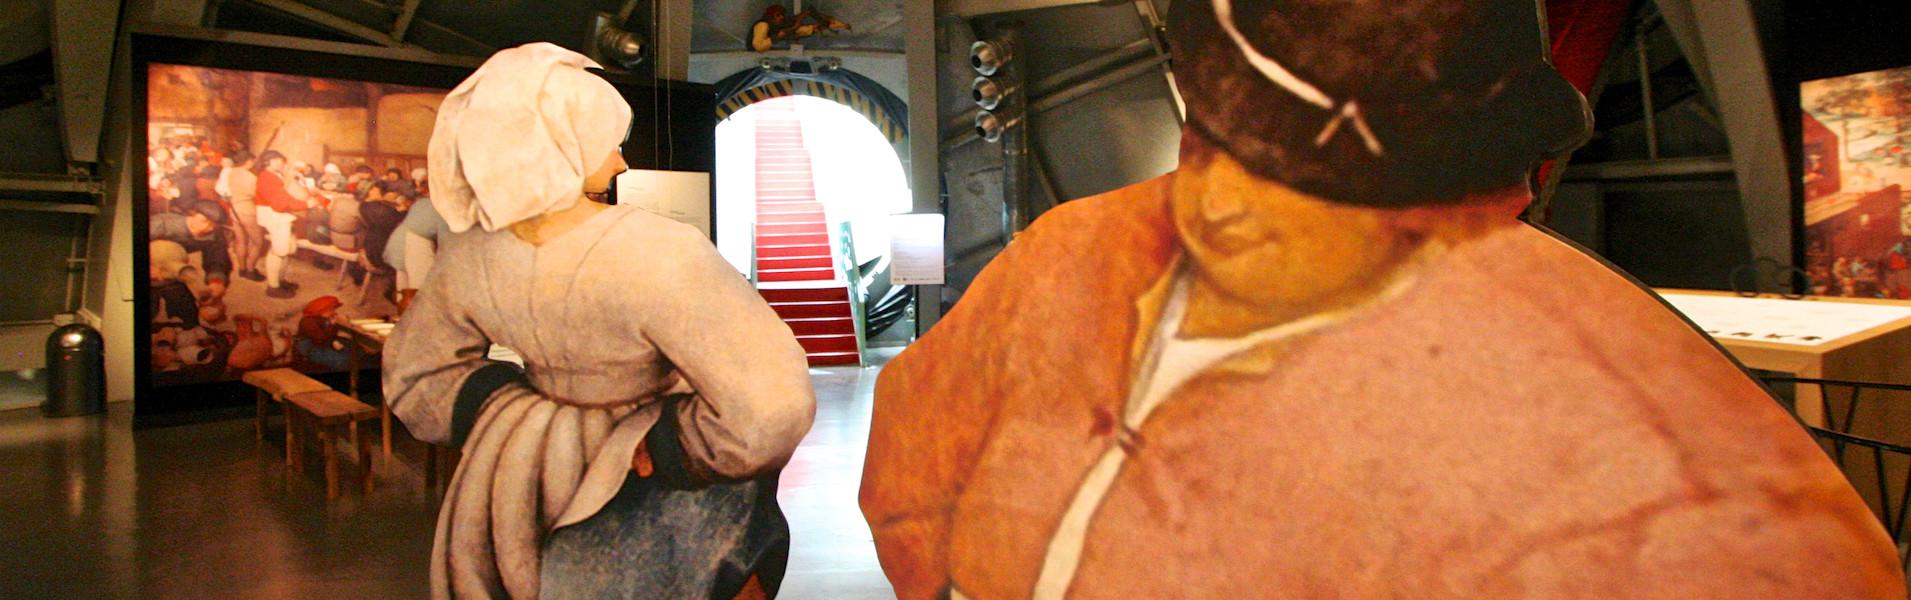 Atomium, Sonderausstellung: Bruegel, Eine poetische Erfahrung © www.atomium.be-sofam, 2019